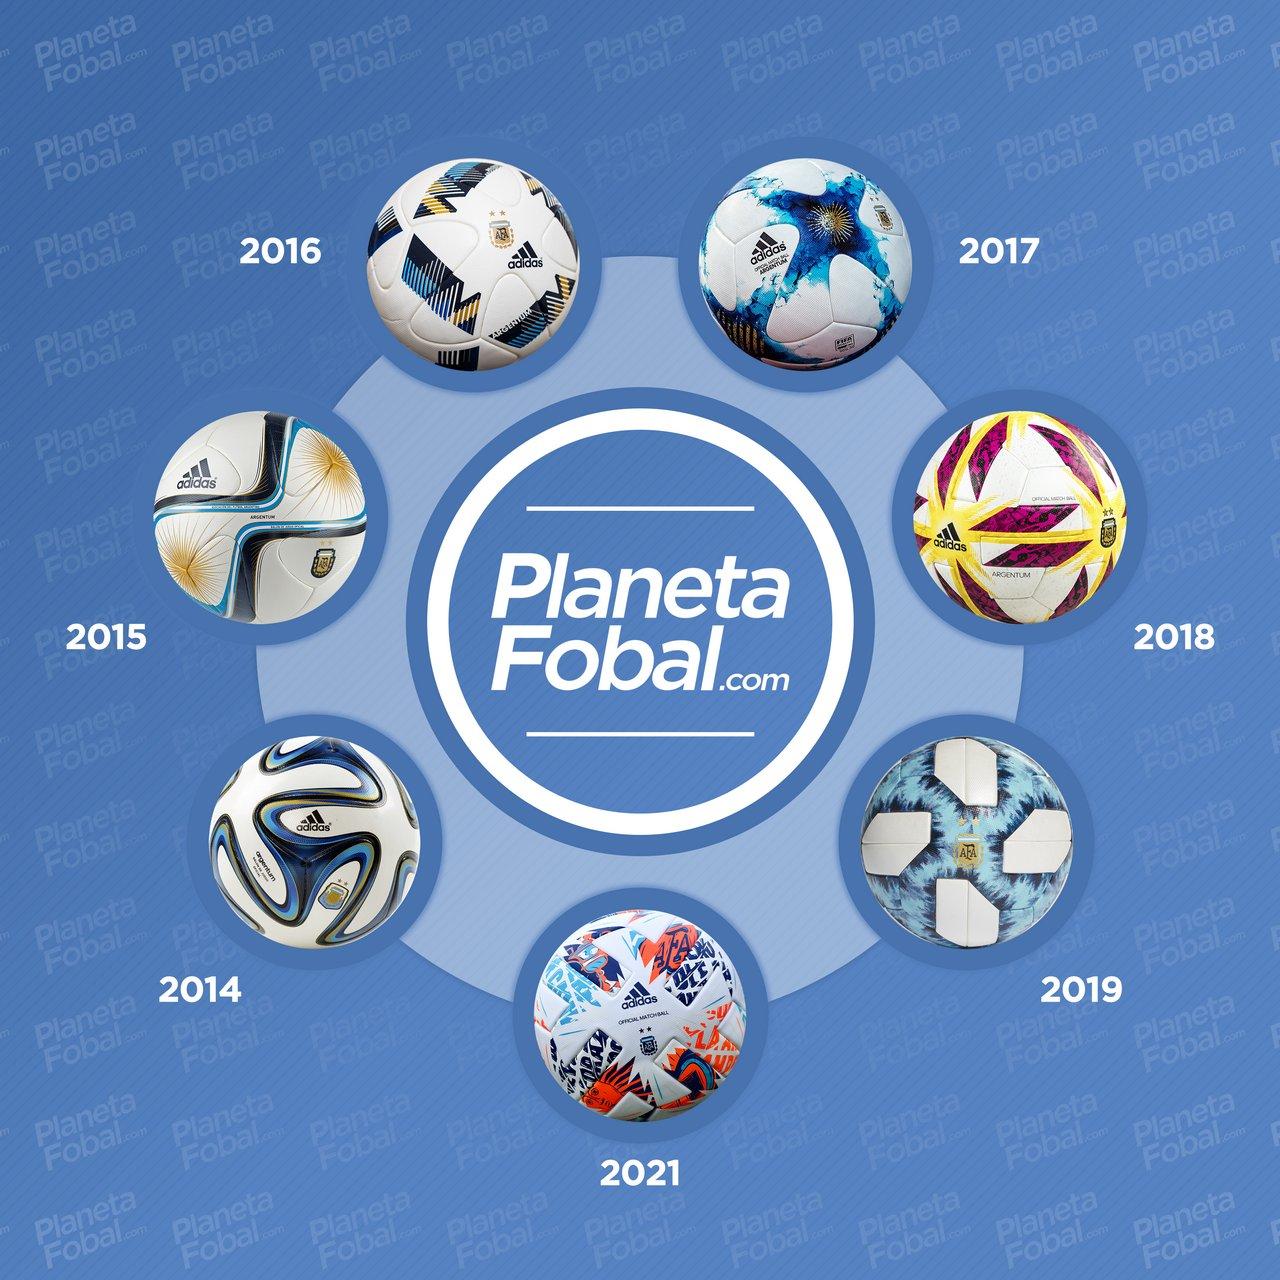 Últimos diseños del Argentum 2014 → 2021